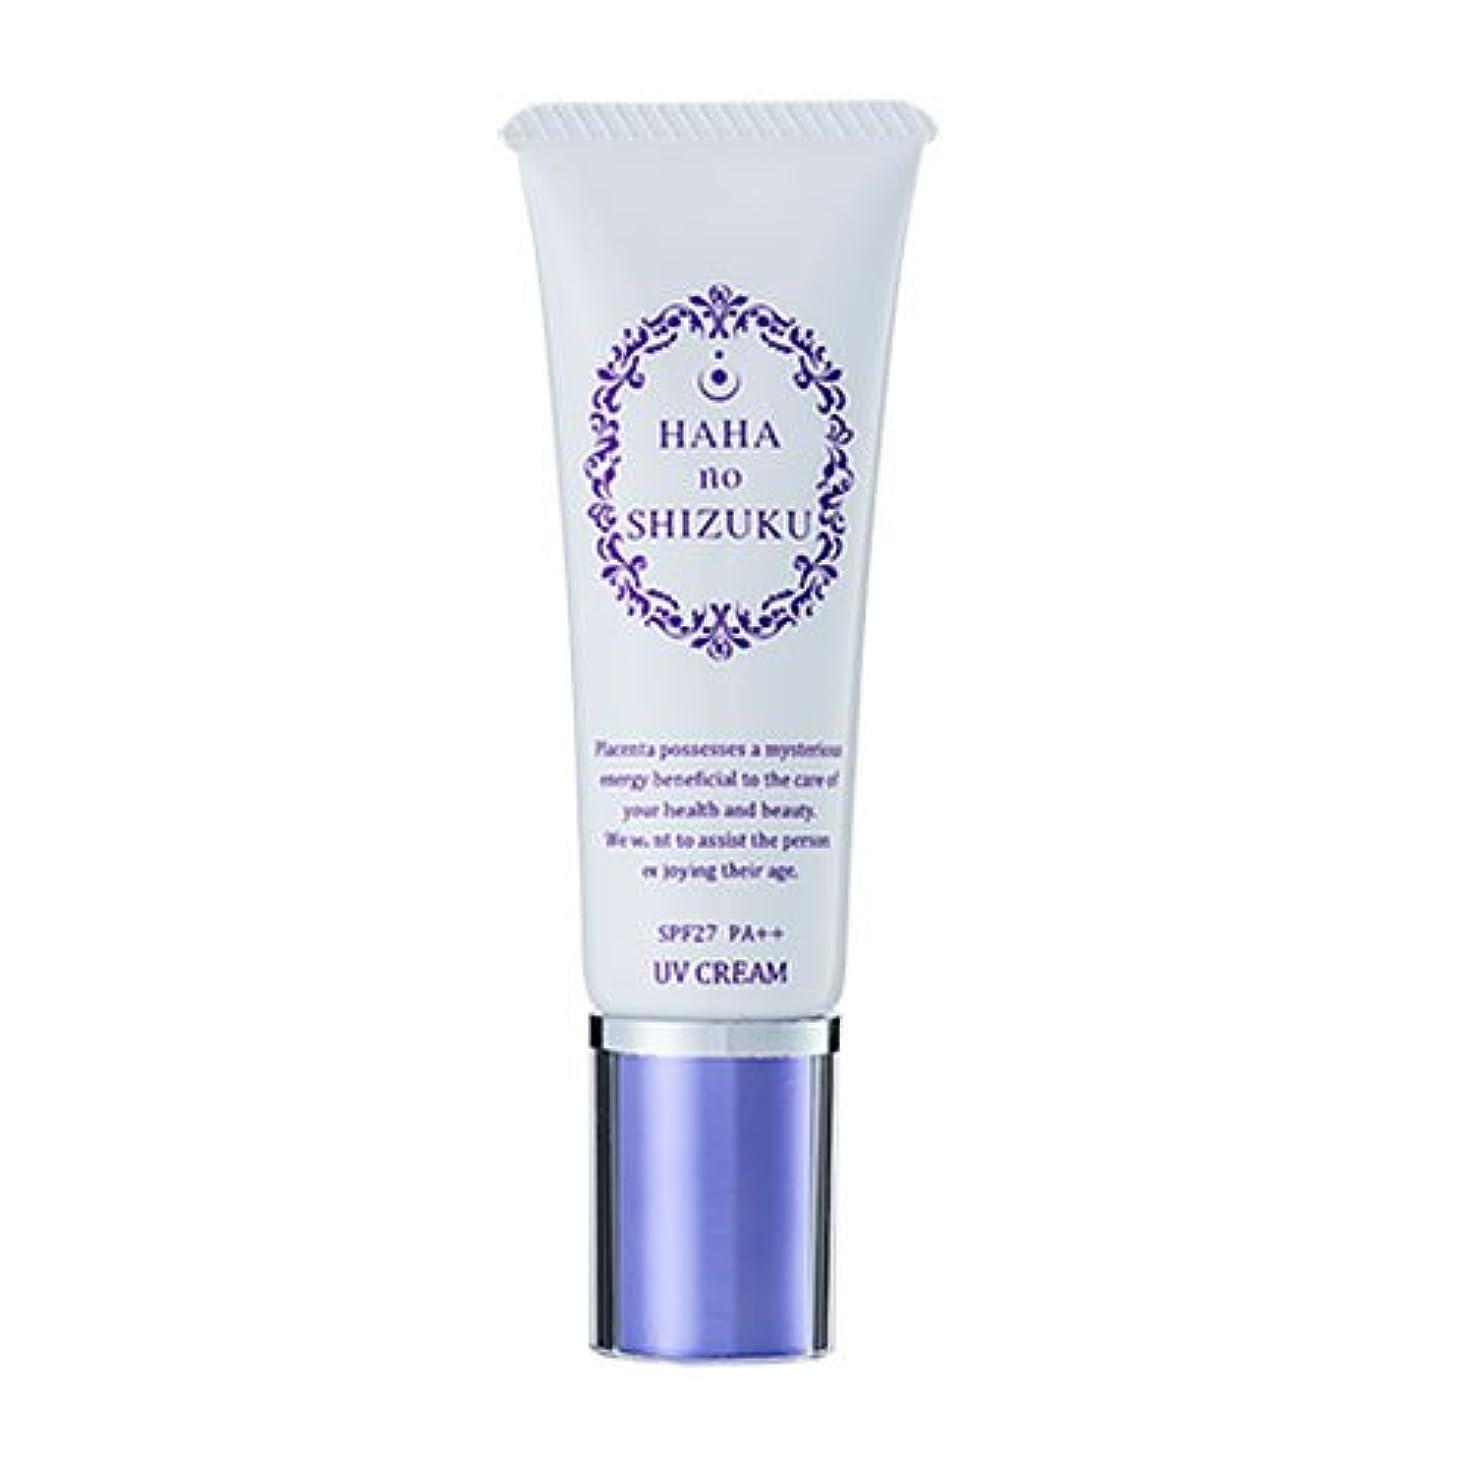 新しさ私たちの誘惑する母の滴 プラセンタクUVクリーム 美白効果 UVカット 敏感肌にも安心 (30g) ラセンタエキス サイタイエキス アミノ酸